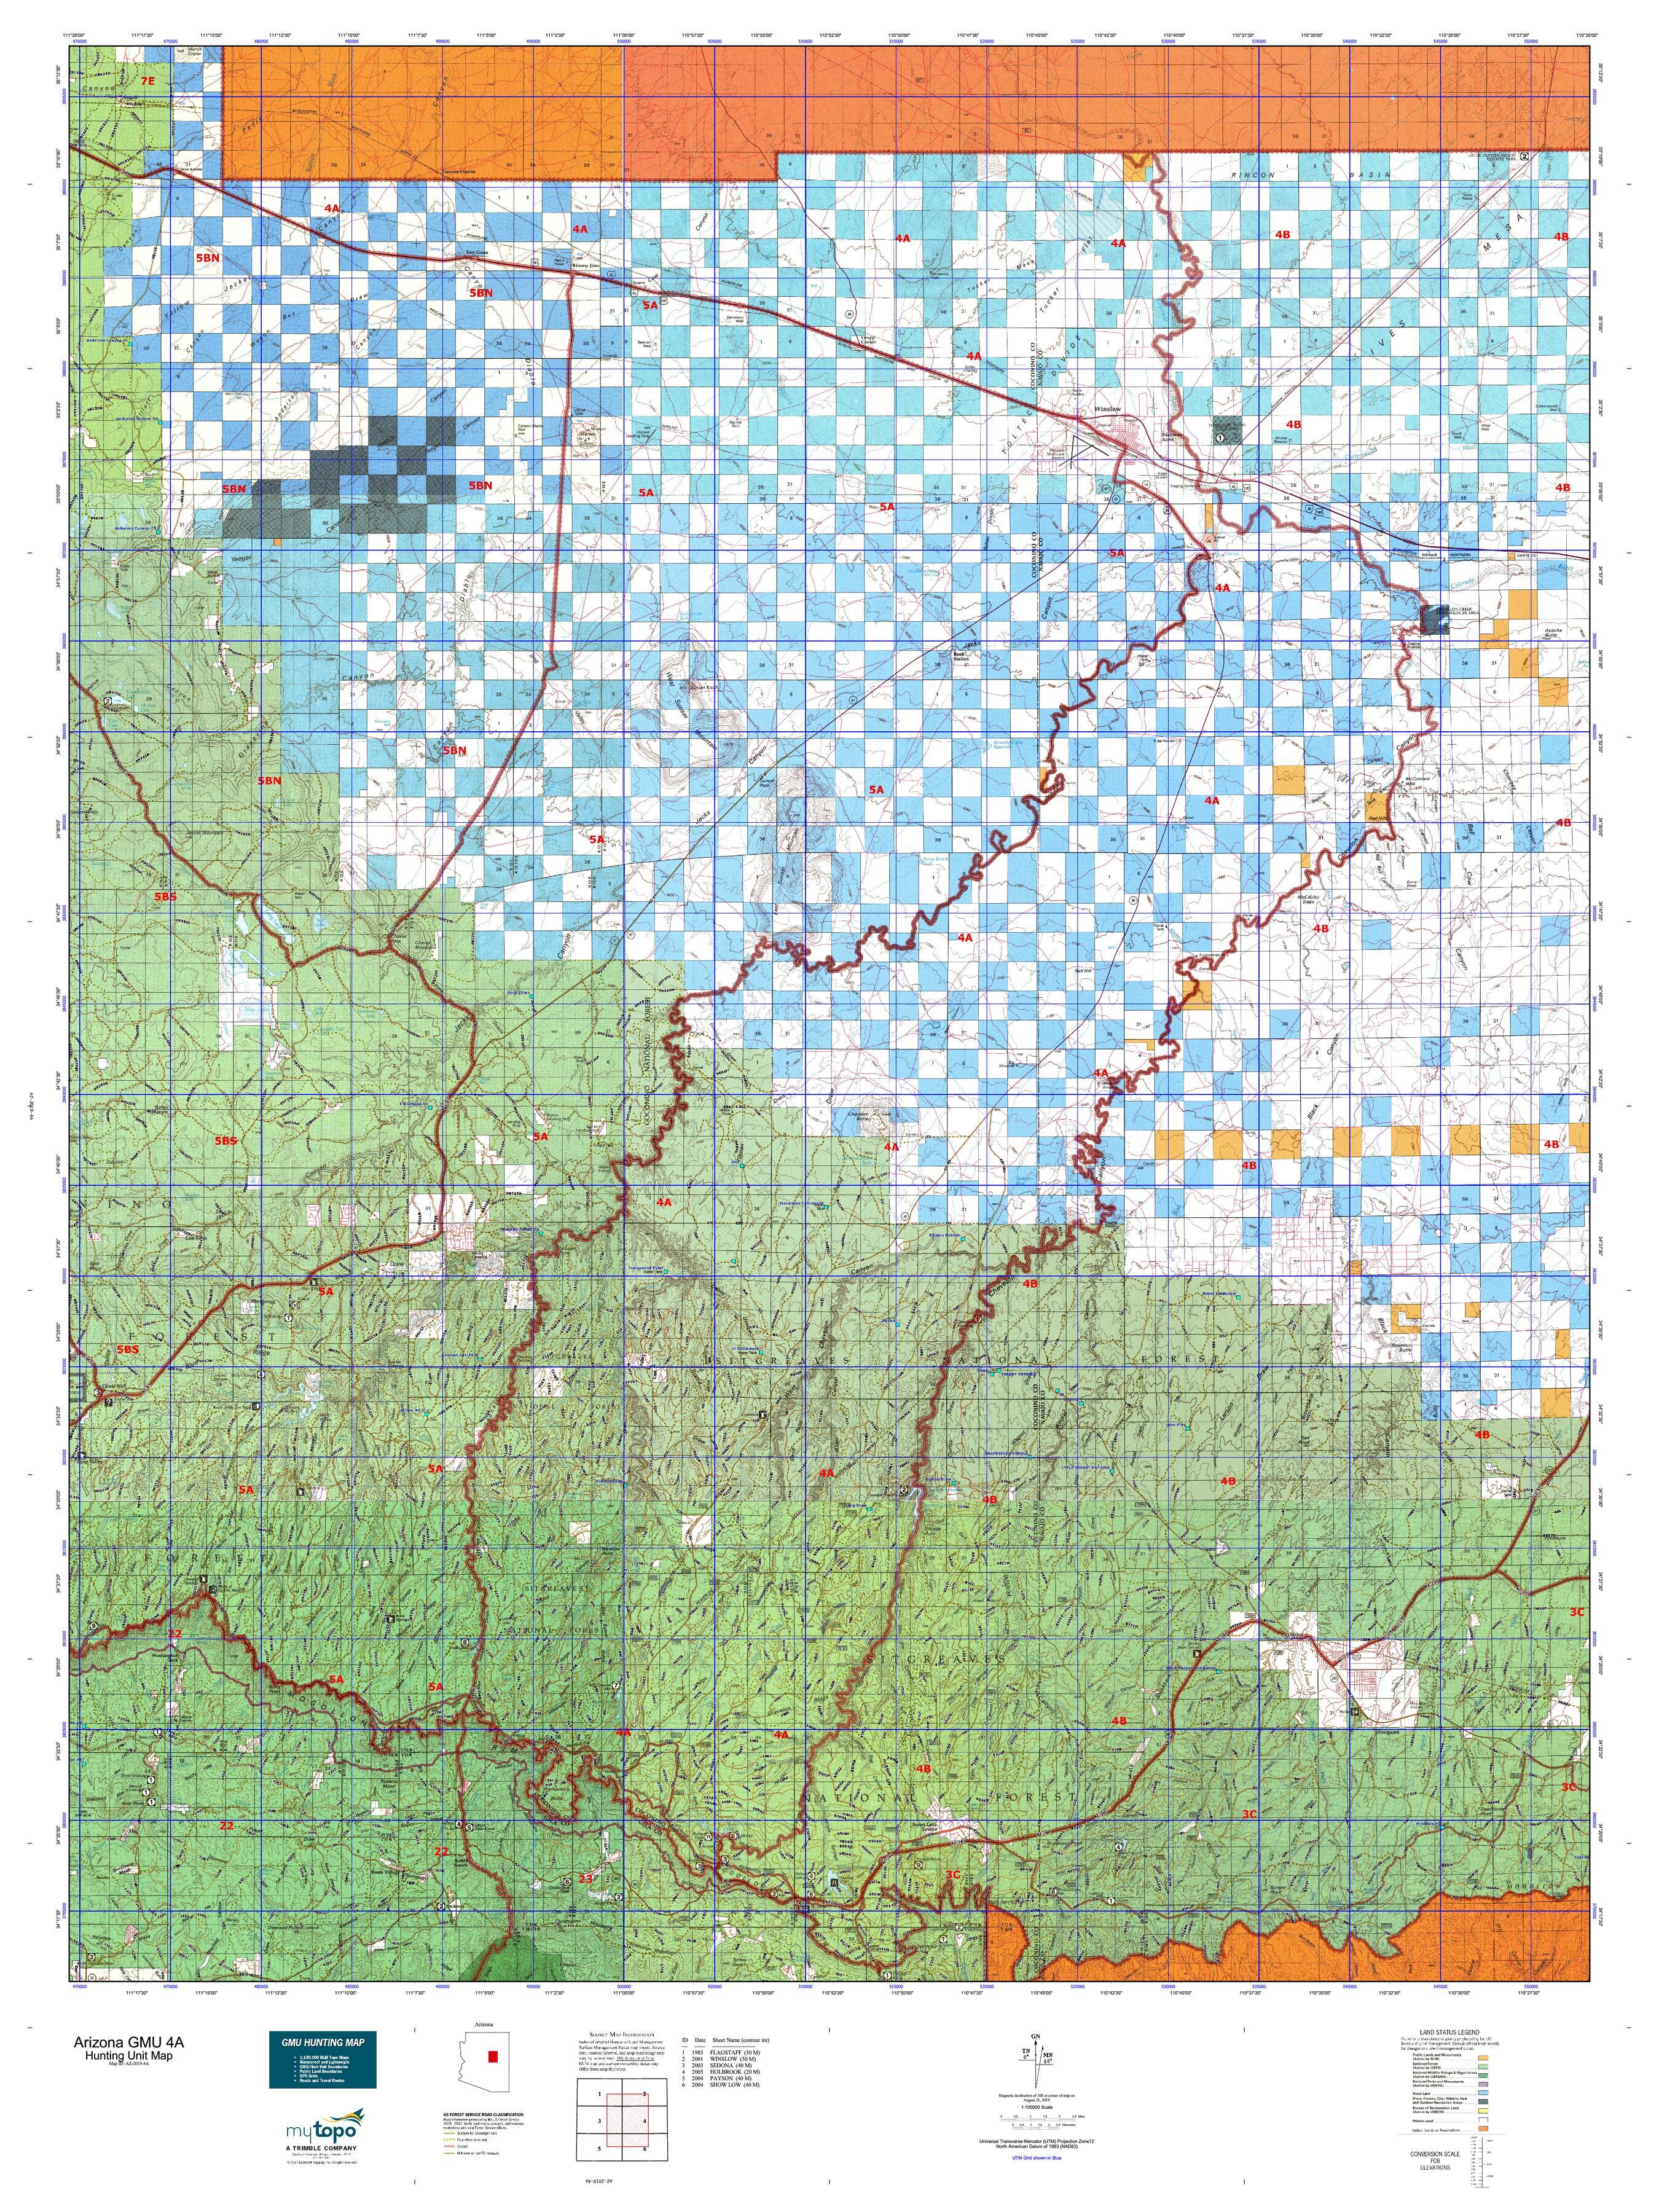 Map Of Unit 4a Arizona.Arizona Gmu 4a Map Mytopo